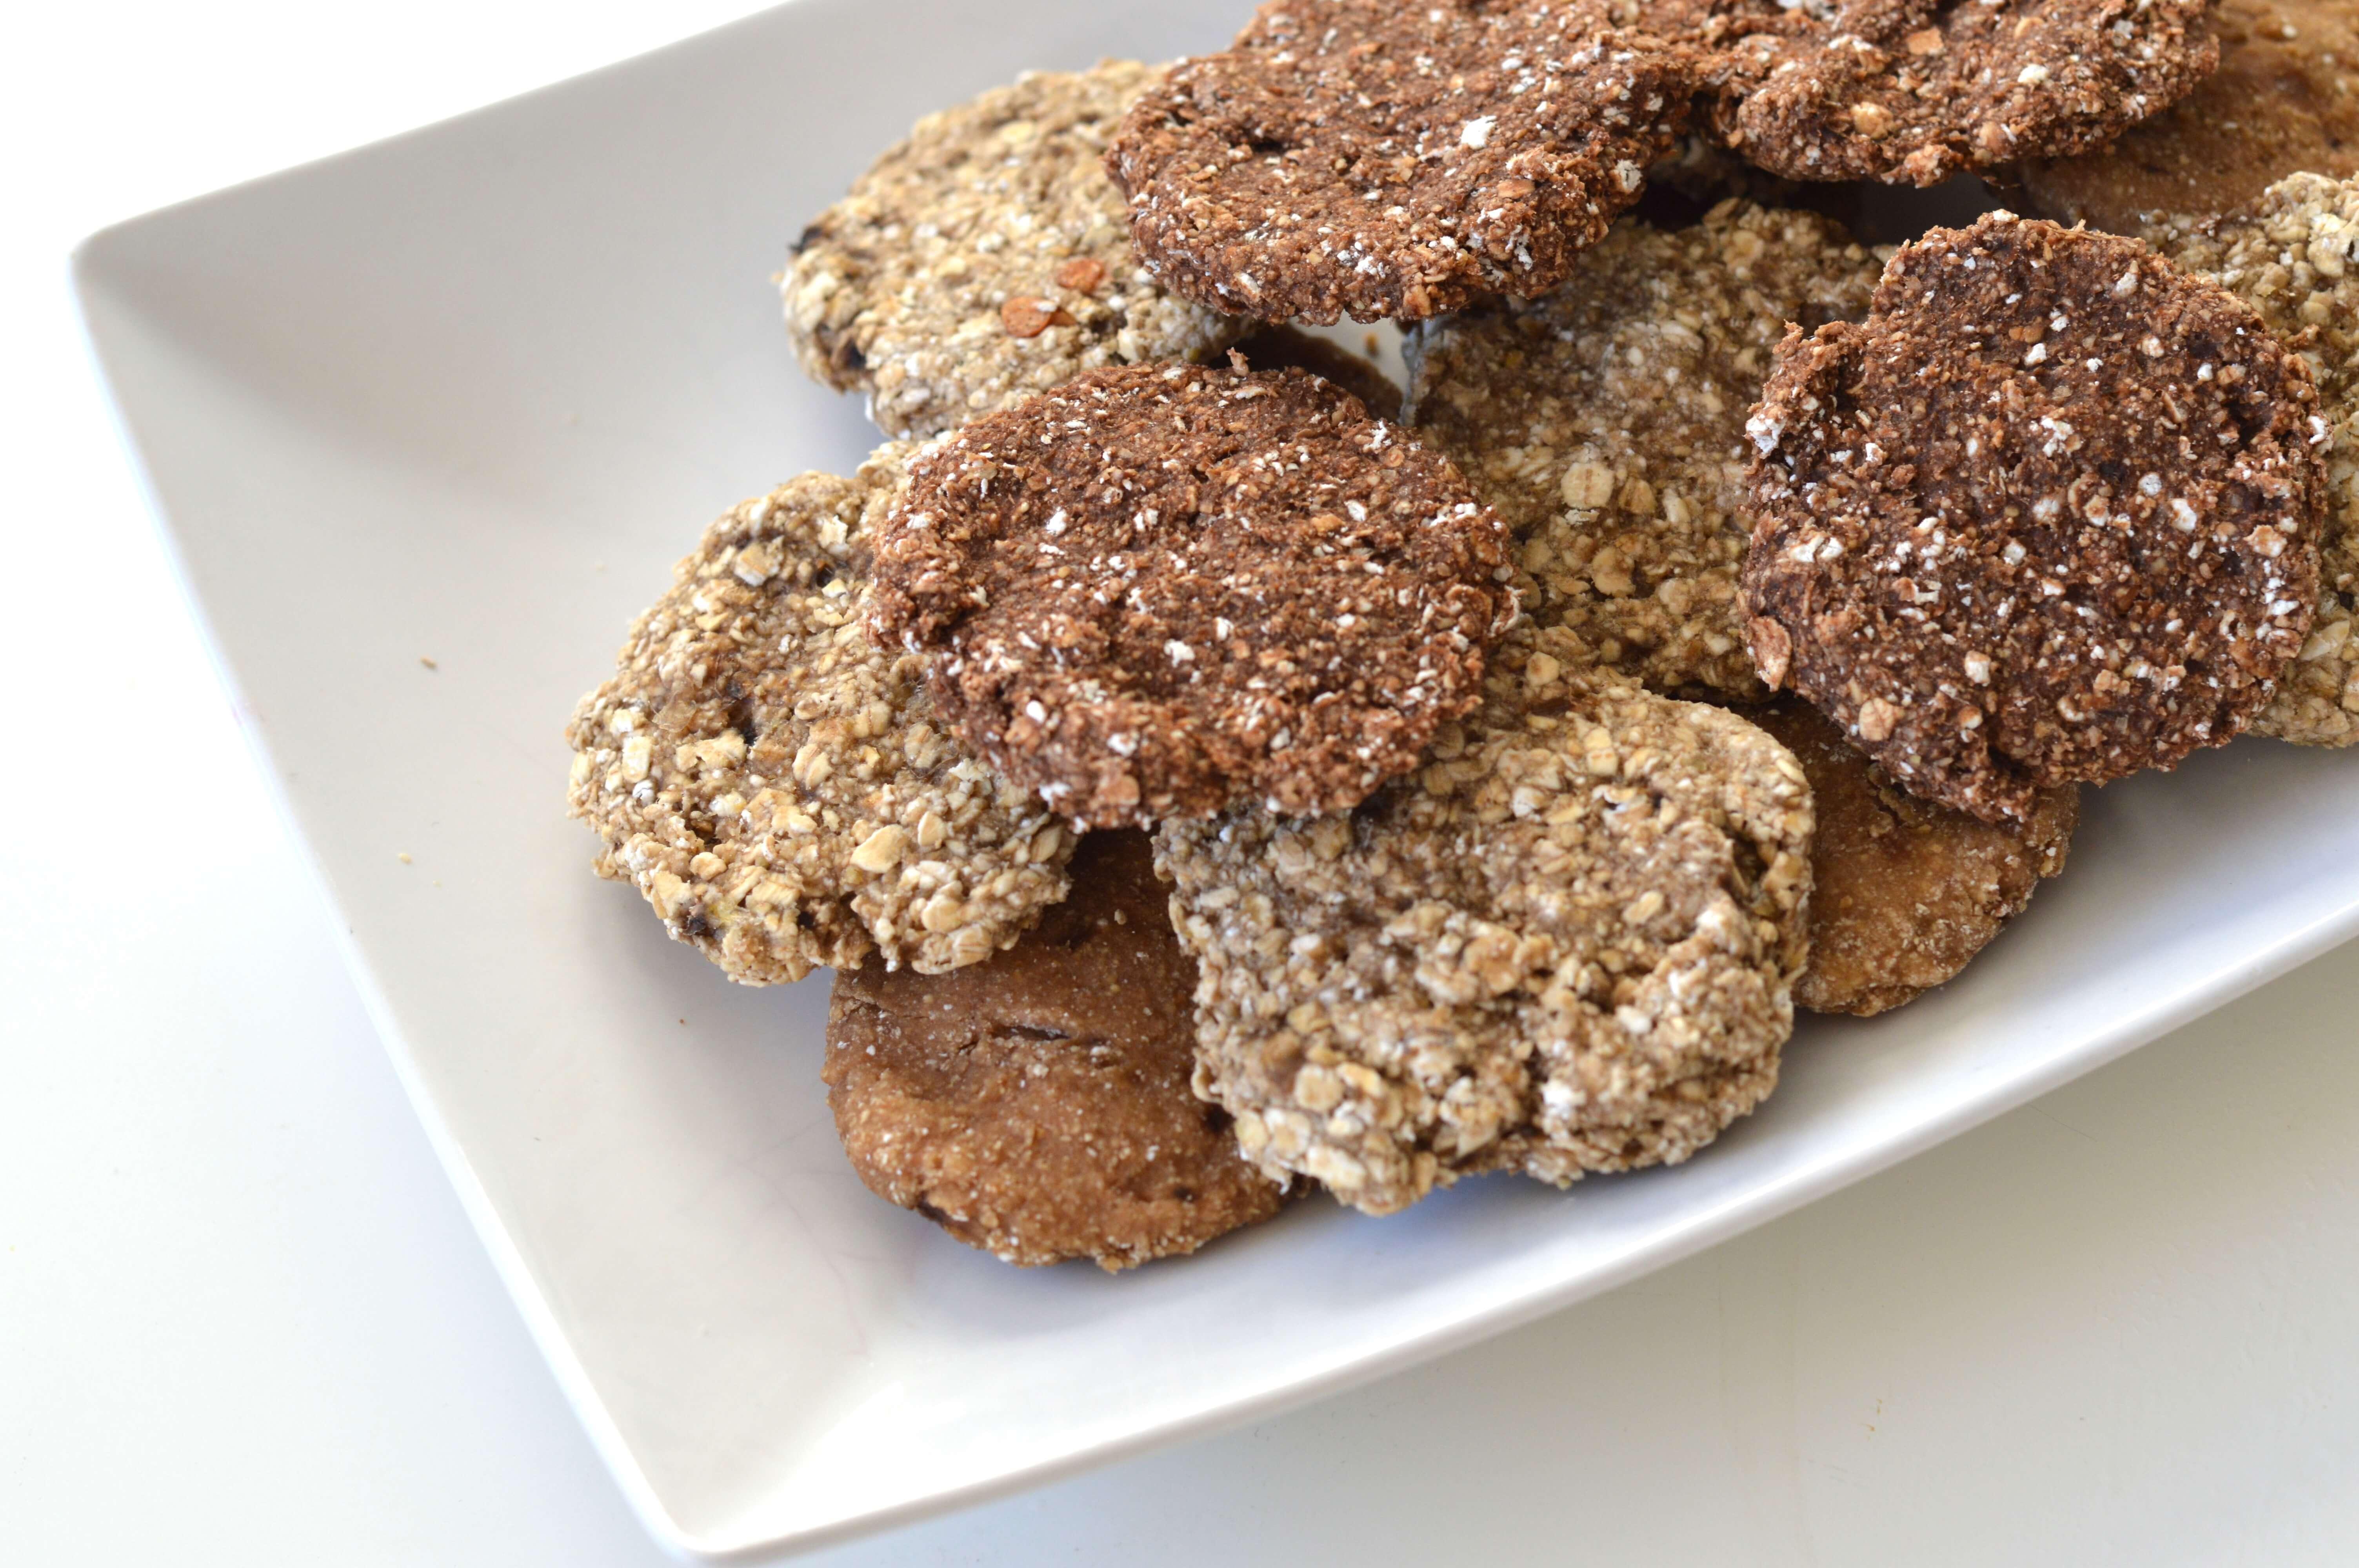 kekse-erdnuss-peanut-schoko-haferflocken